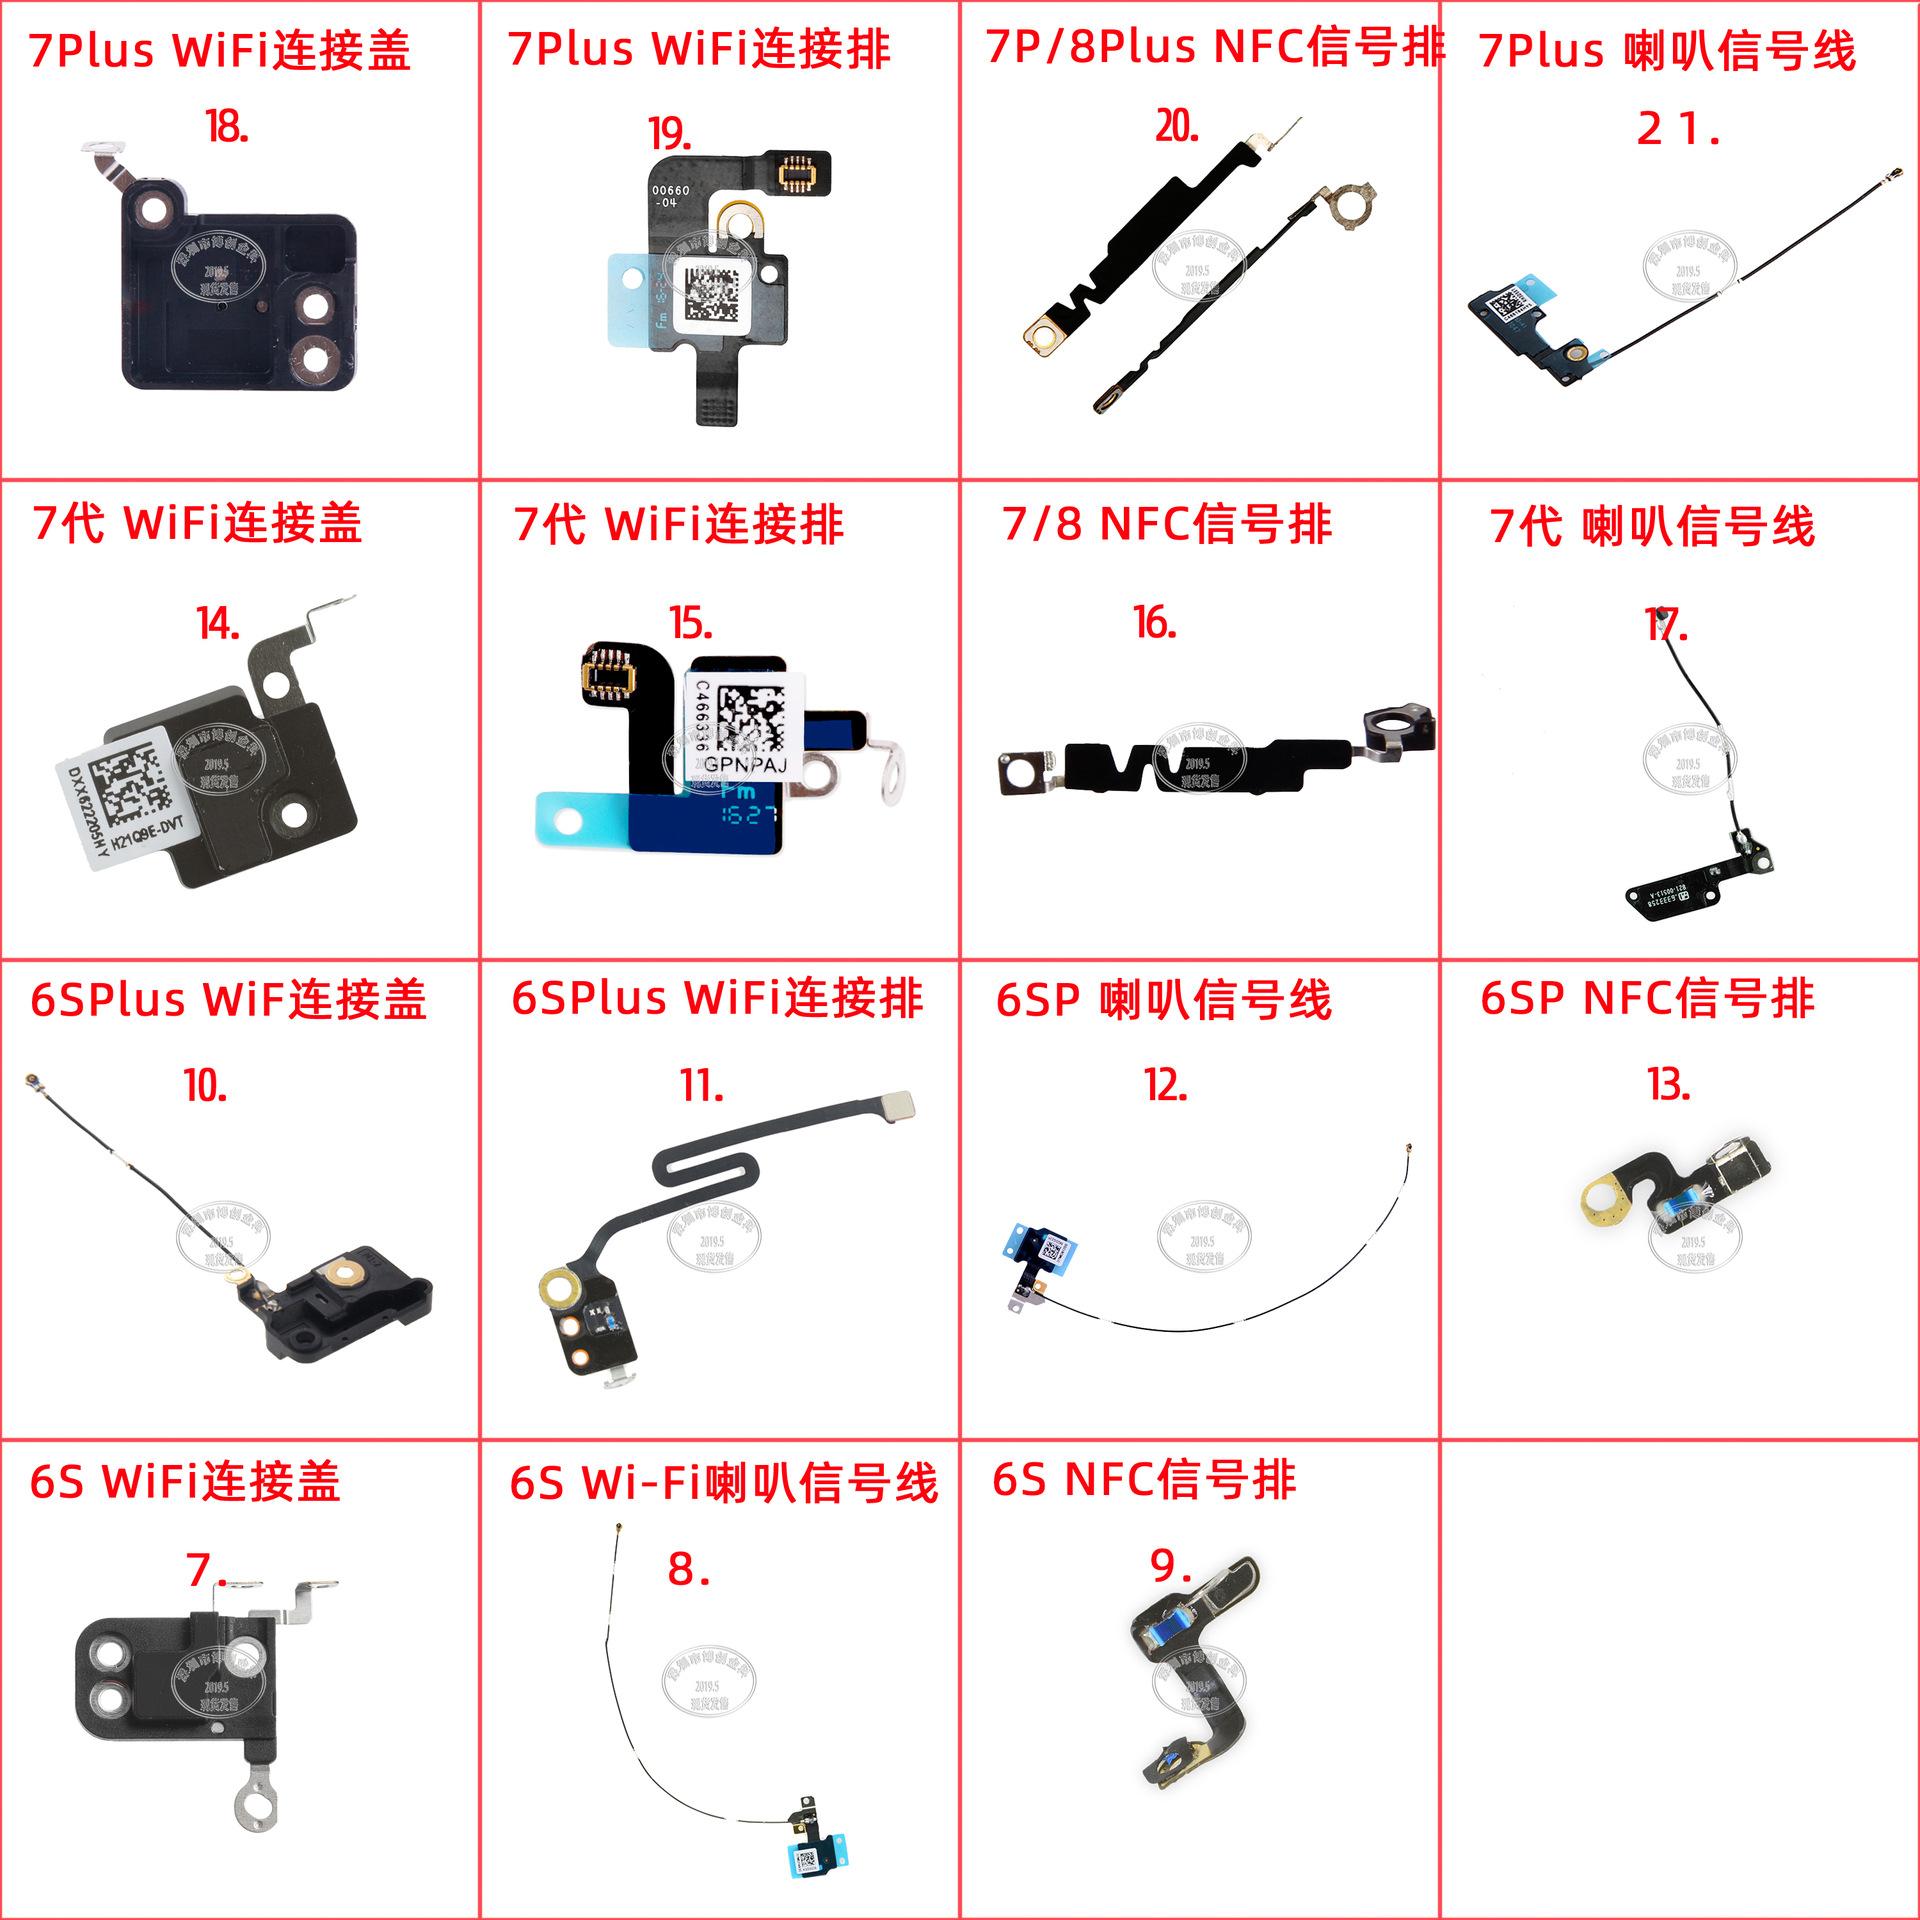 iphone4s gps天线_天线信号排线_wifi天线信号排线 //gps蜂窝天线连接 适用iphone手机 ...